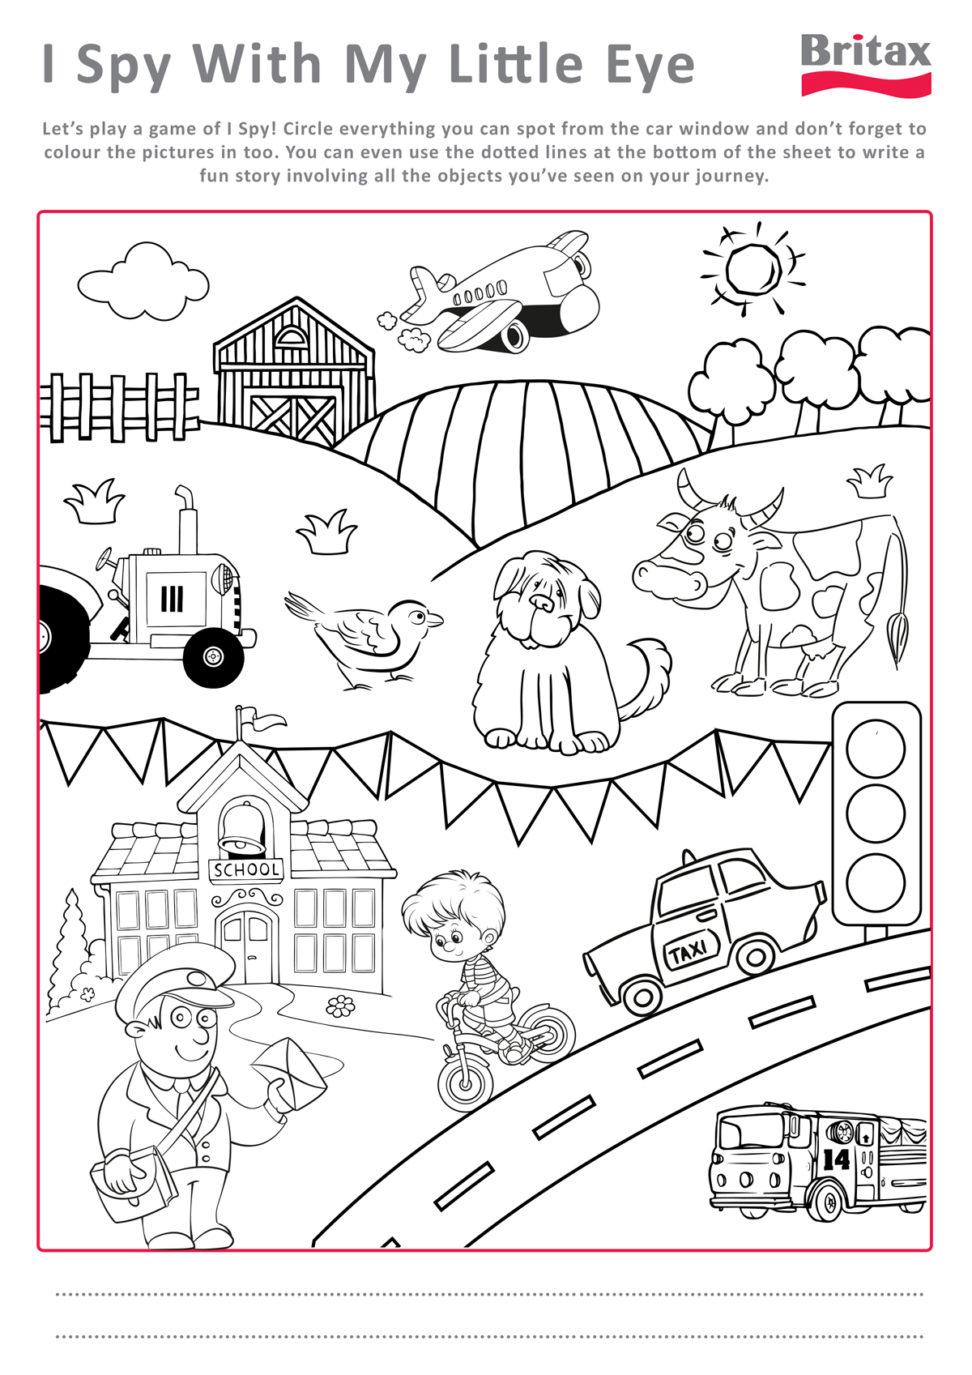 Free Printable Kids Activities 5 #28661 - Free Printable Kid Activities Worksheets